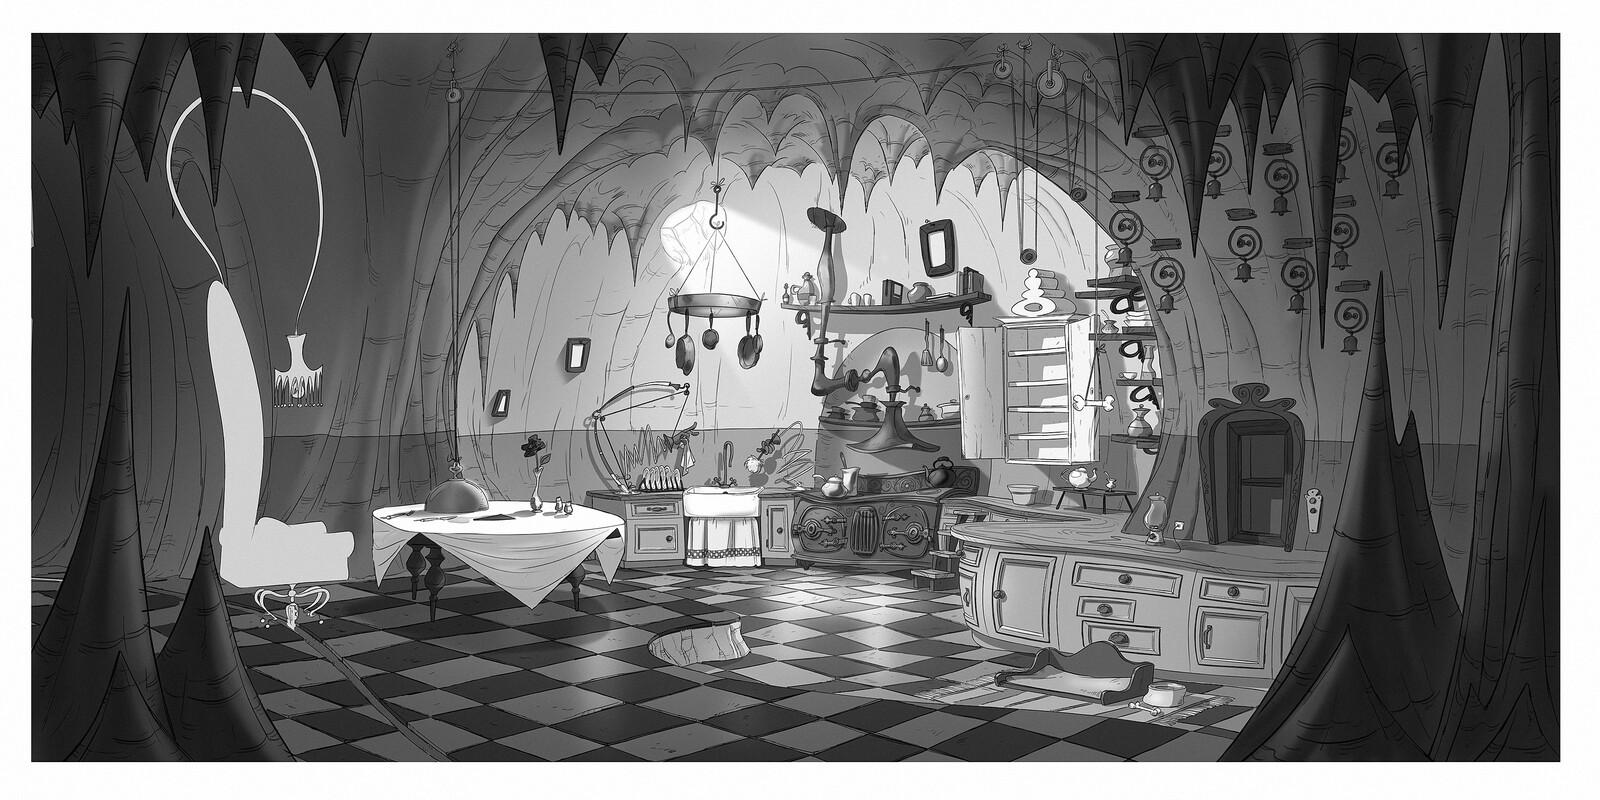 Grinch's kitchen